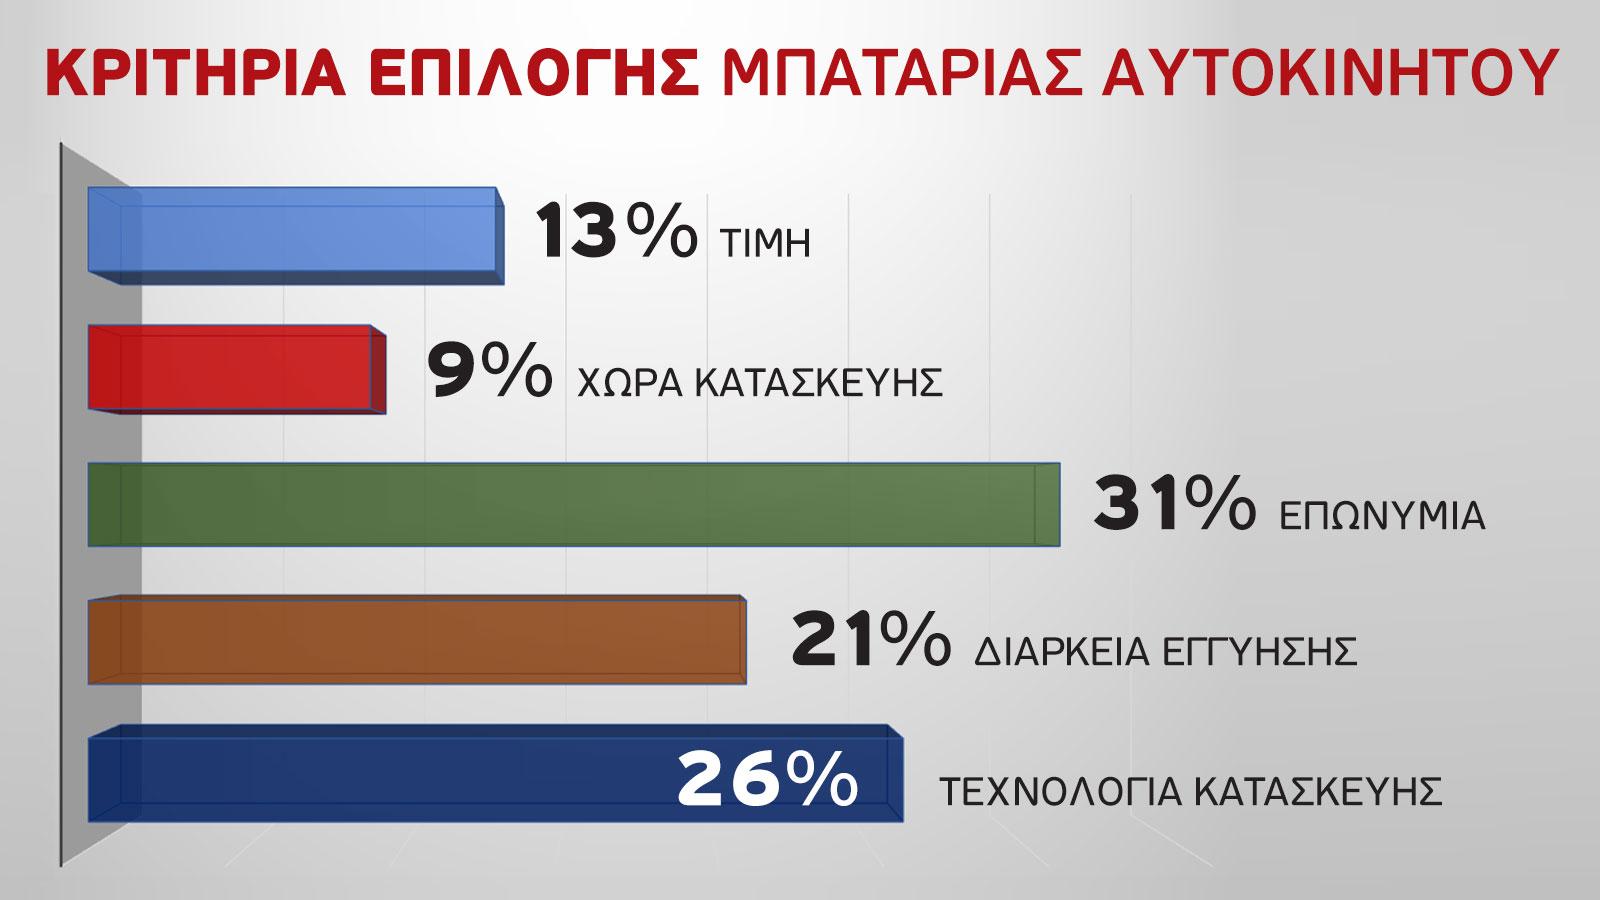 Οι απαντήσεις του κοινού στο πρόσφατο poll του autotriti.gr για το ποιο είναι το βασικό κιτήριο επιλογής μπαταρίας.